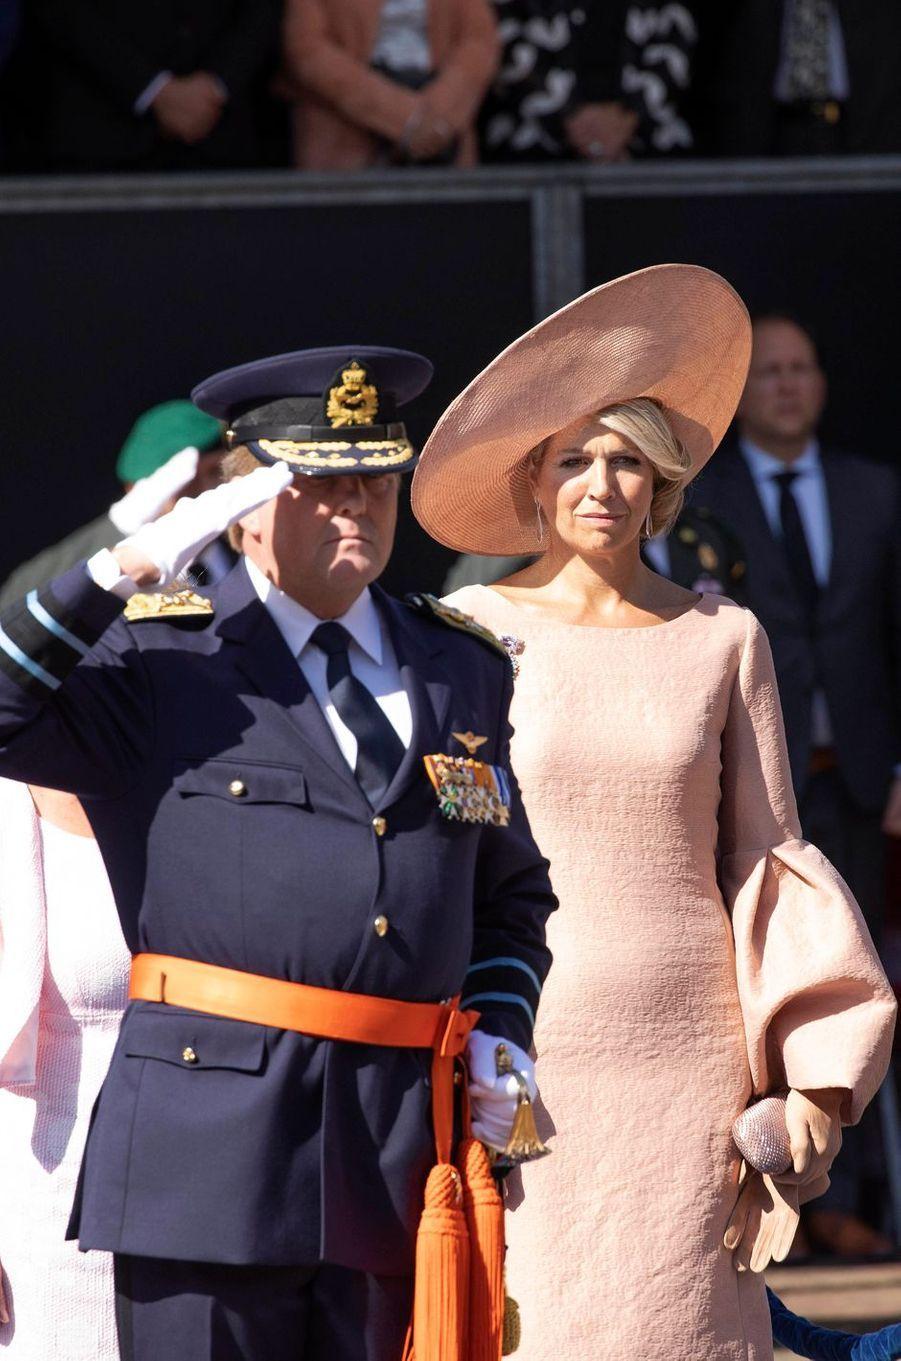 La reine Maxima avec le roi Willem-Alexander des Pays-Bas à la Haye, le 31 août 2018